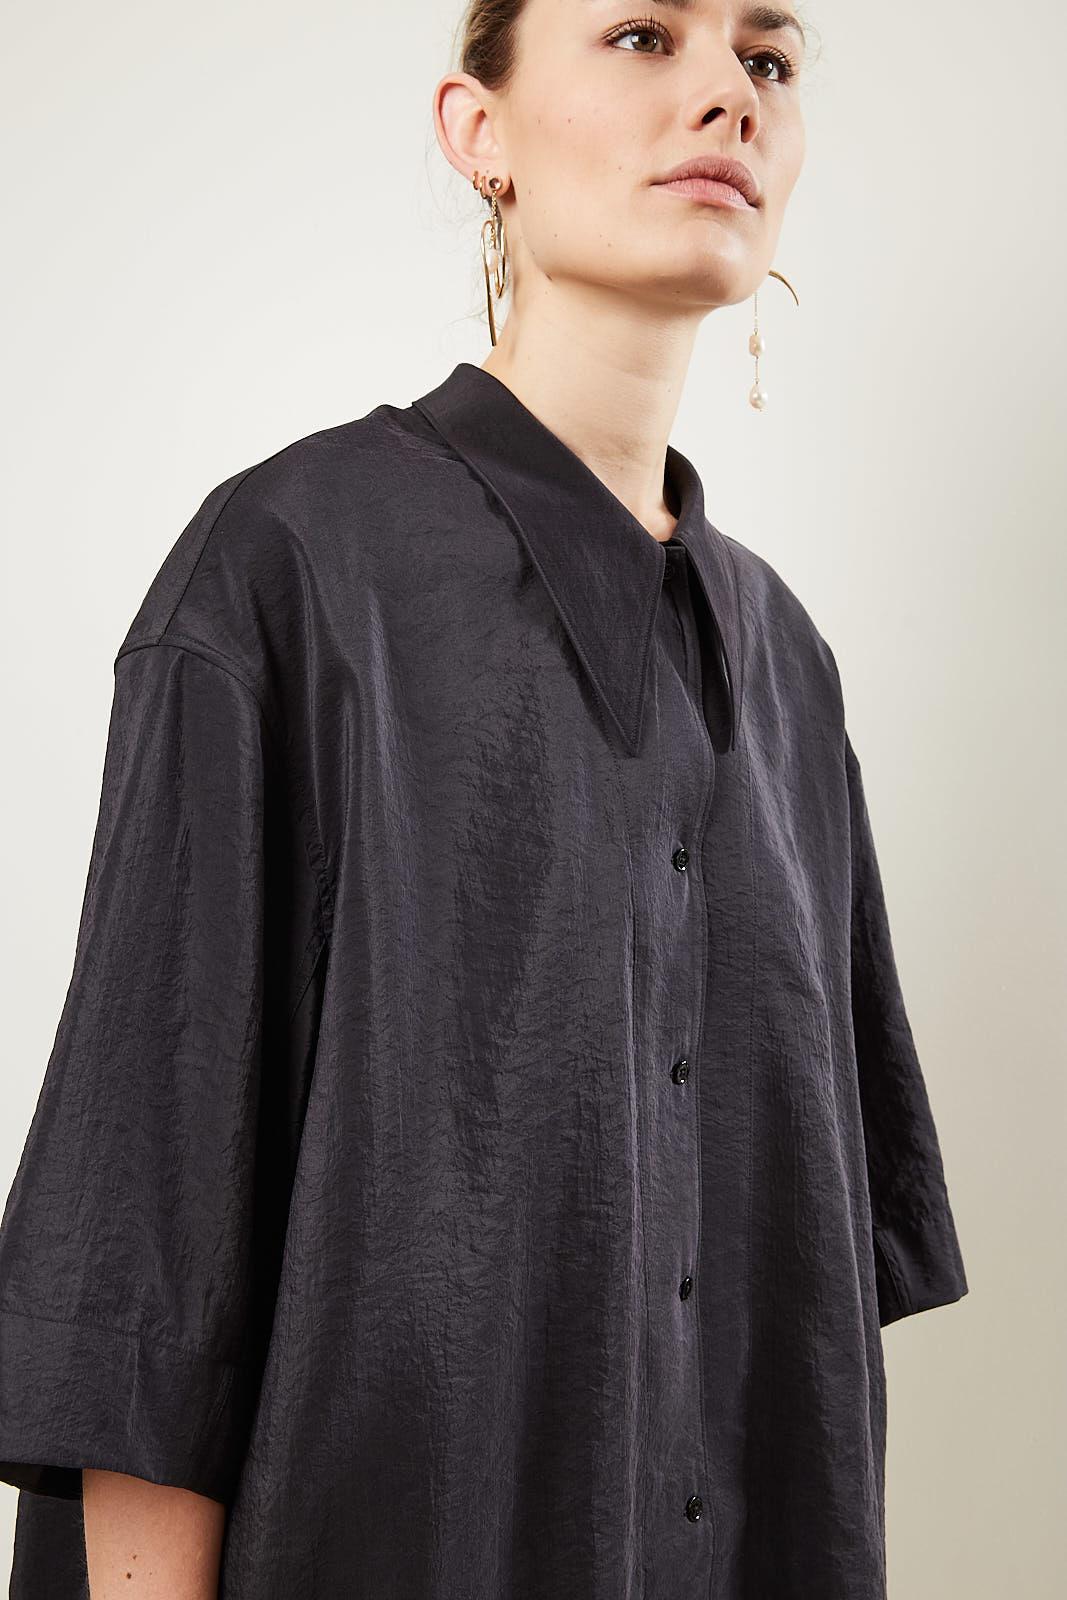 Lemaire - MAXI SHIRT 999 black